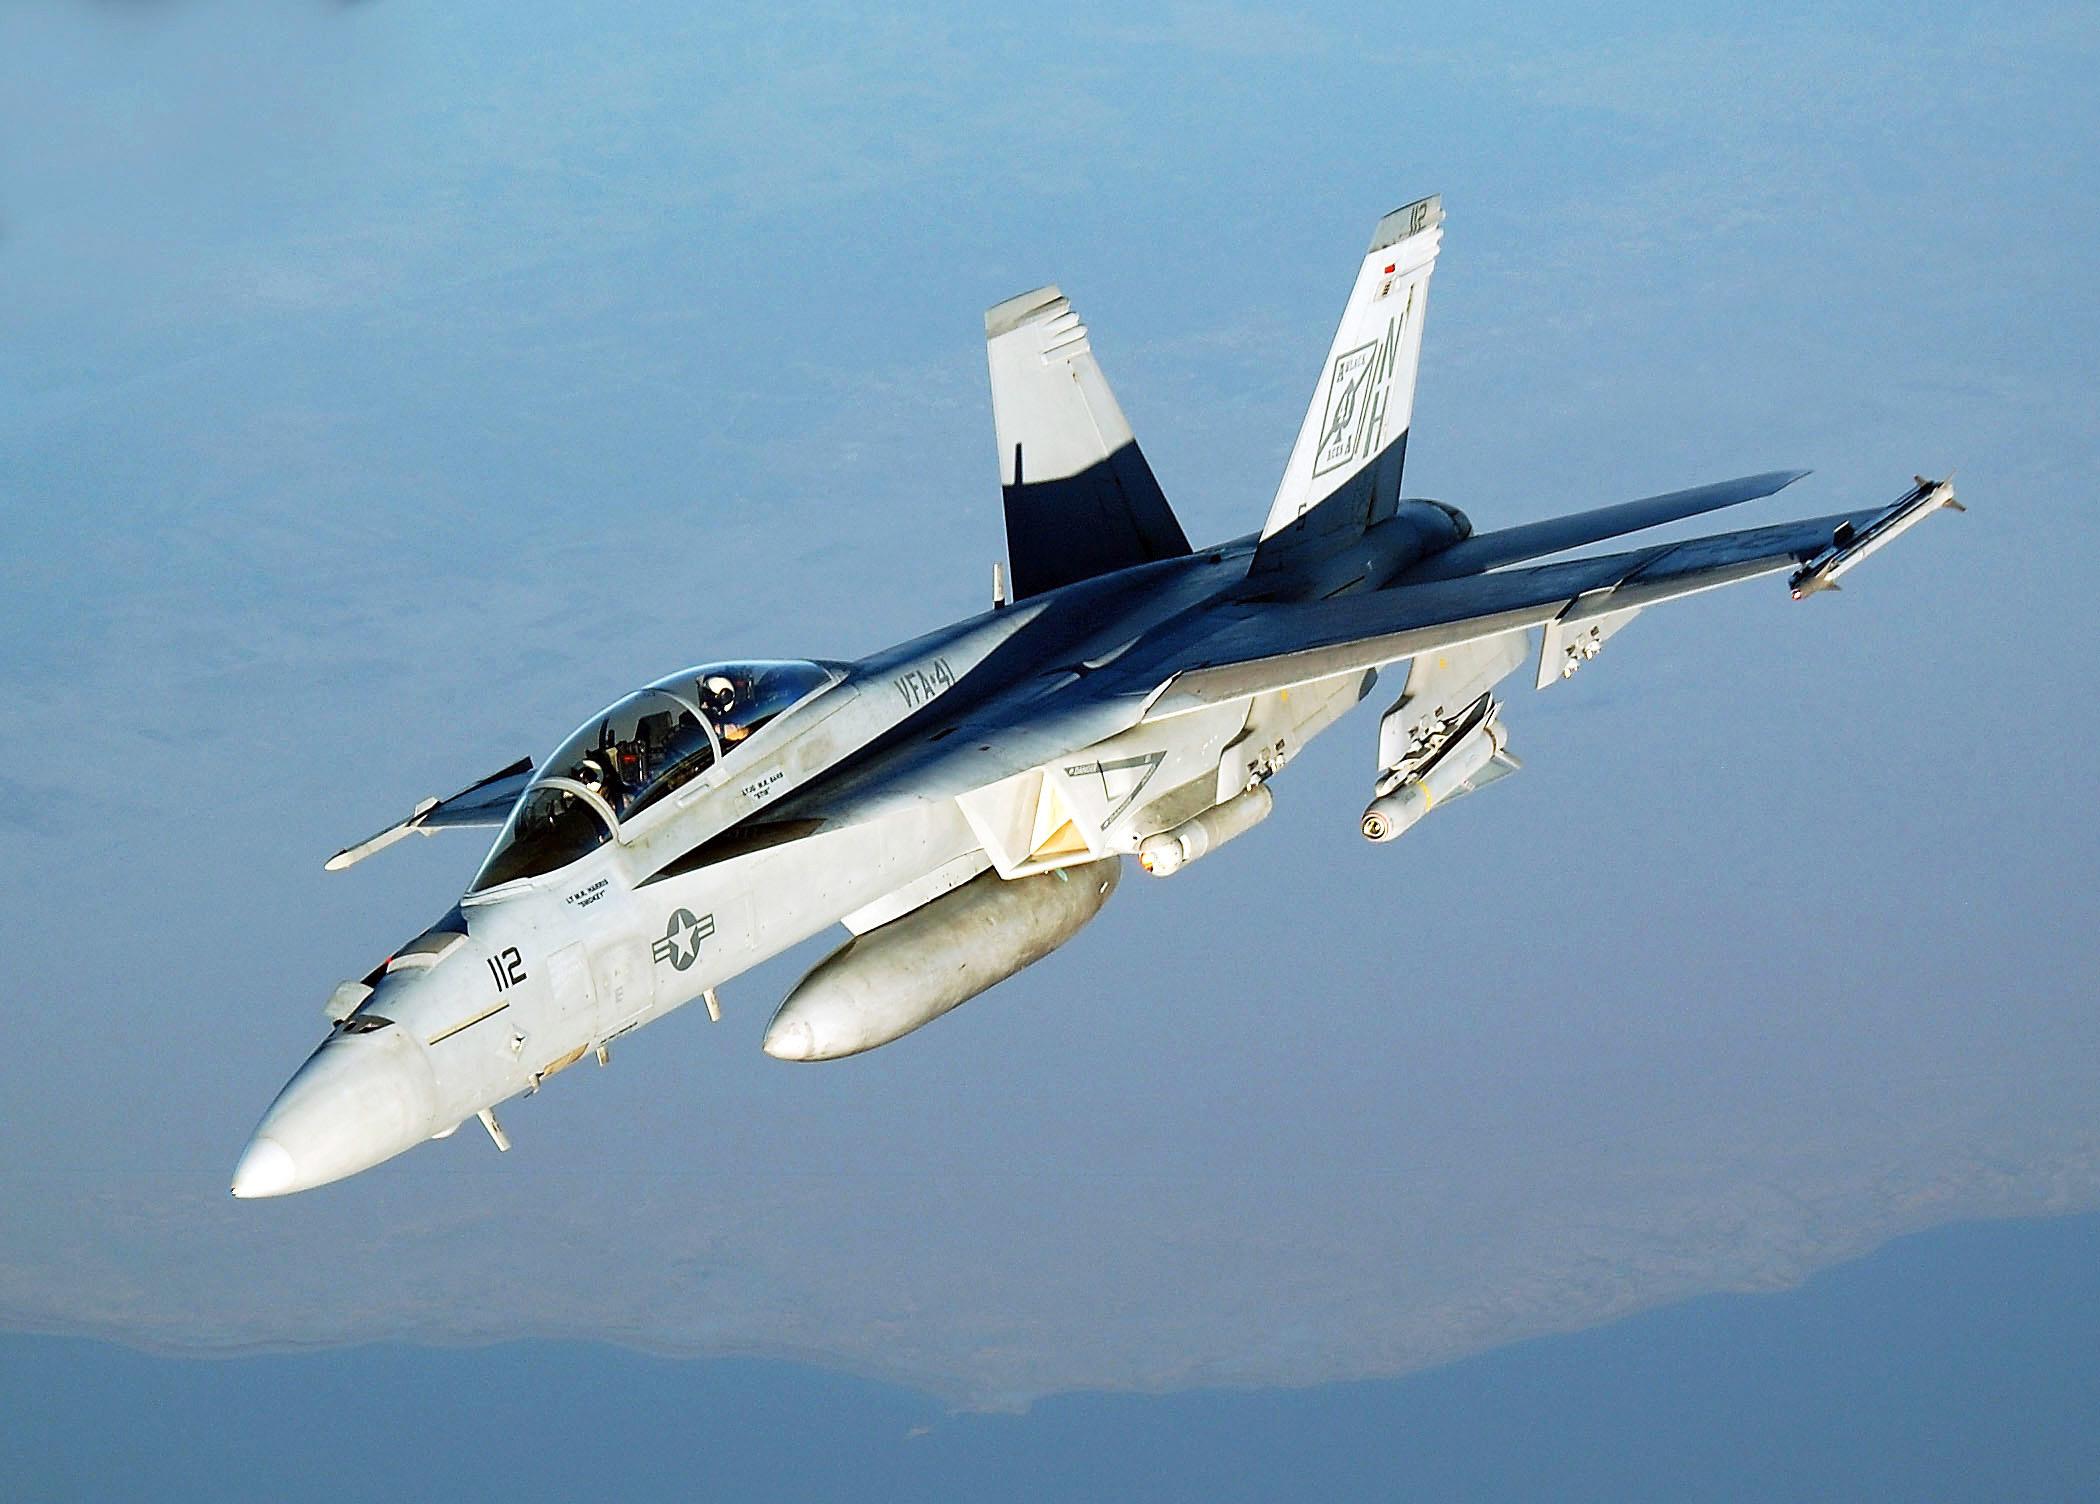 Обои вертикальный предел, F15 strike eagle, истребитель, высота. Авиация foto 16